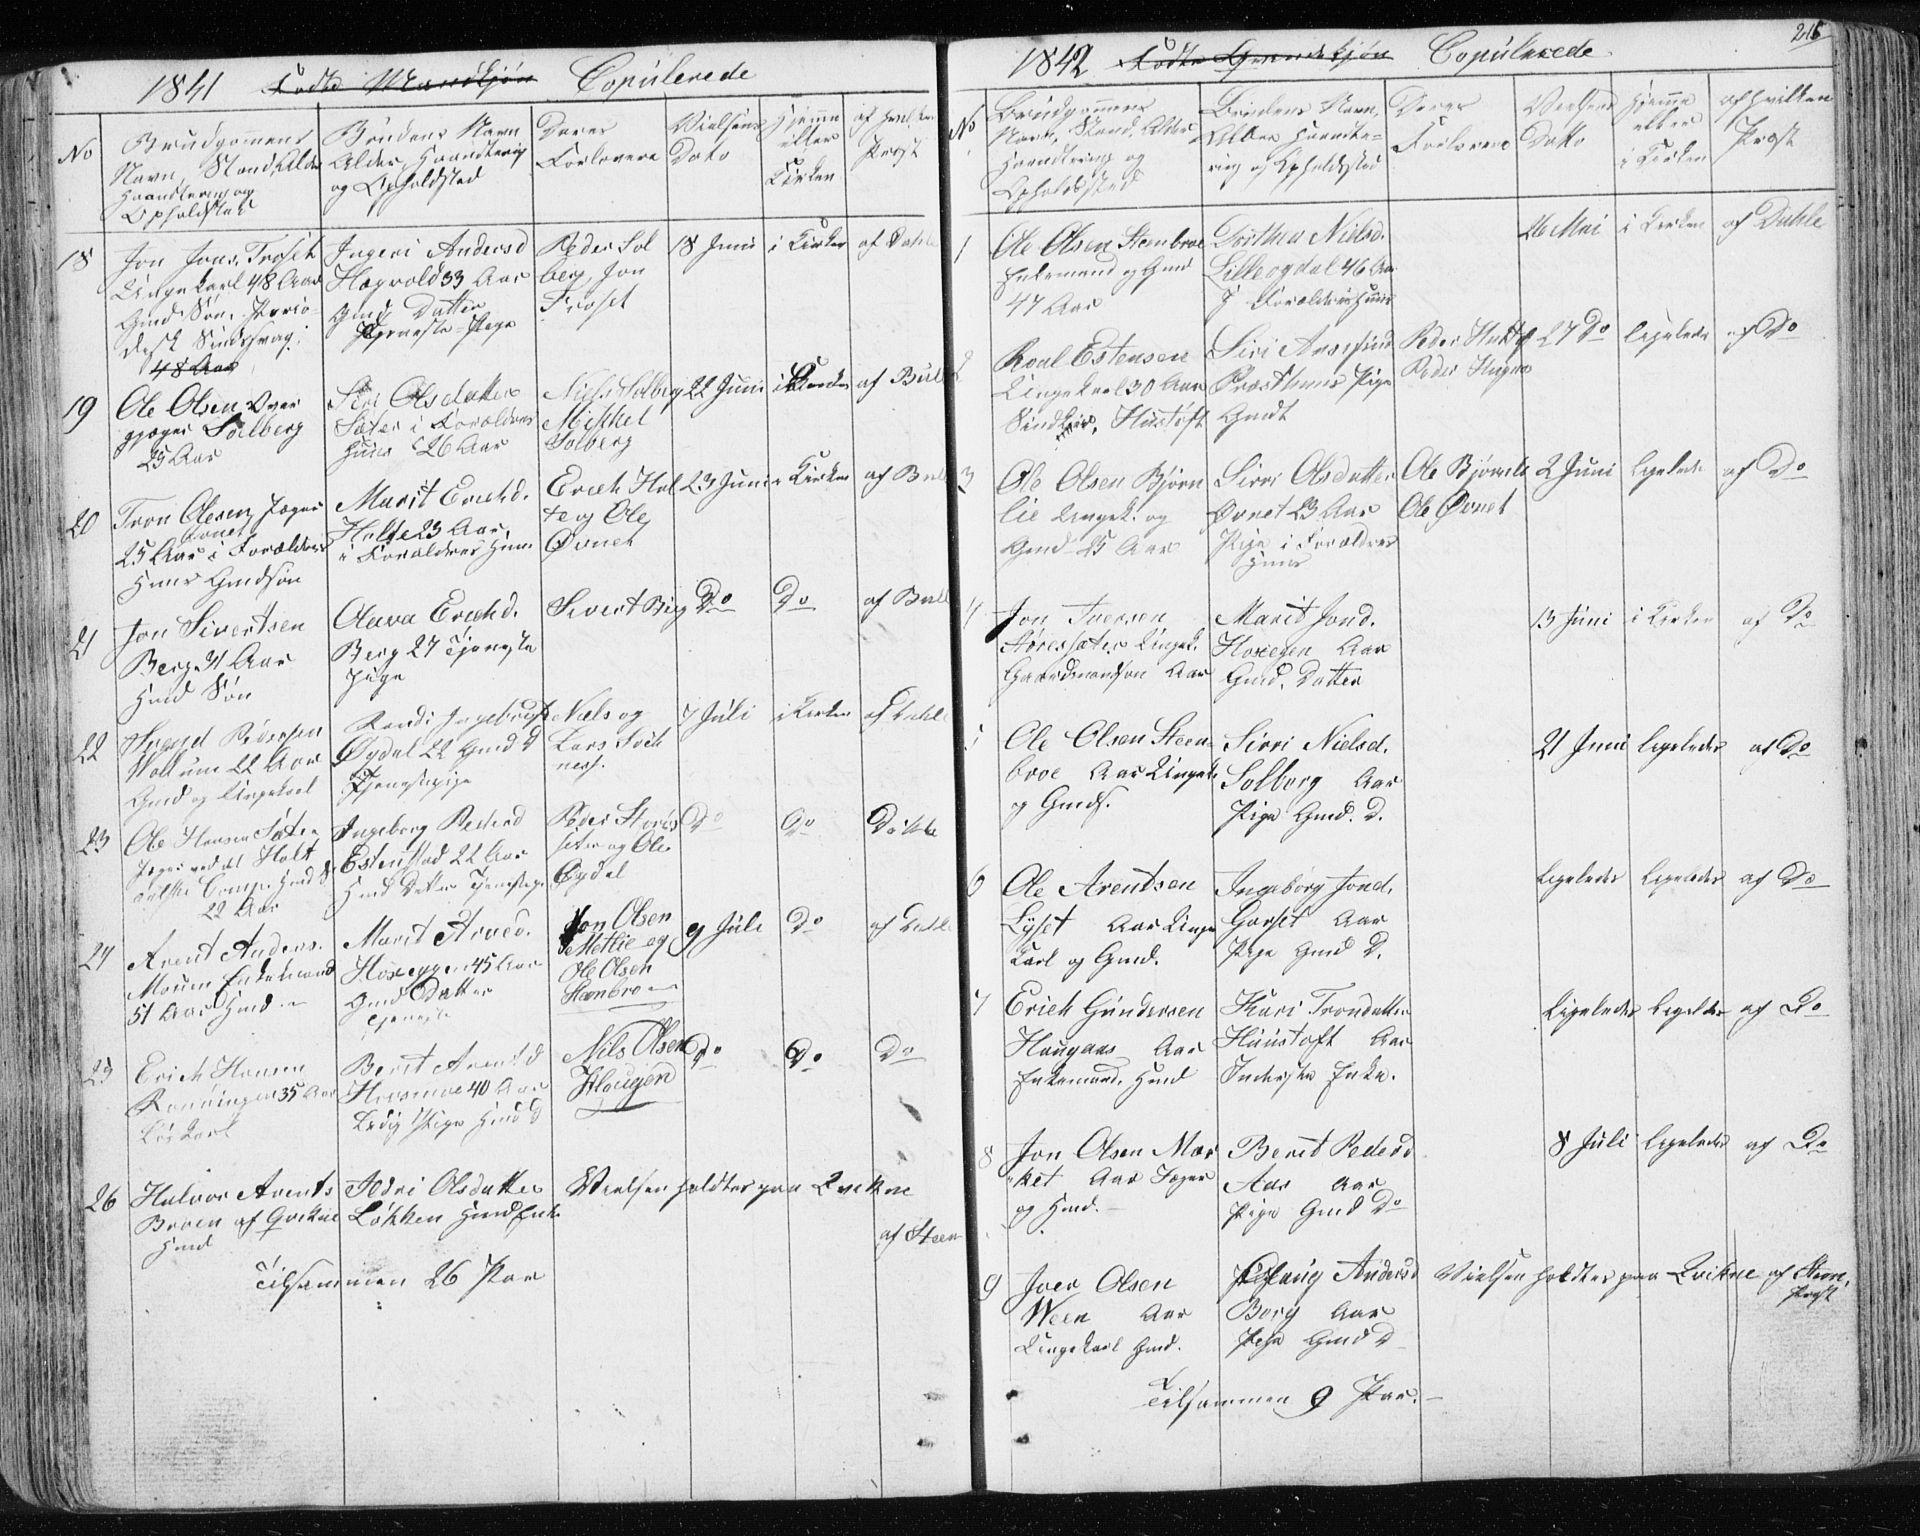 SAT, Ministerialprotokoller, klokkerbøker og fødselsregistre - Sør-Trøndelag, 689/L1043: Klokkerbok nr. 689C02, 1816-1892, s. 215